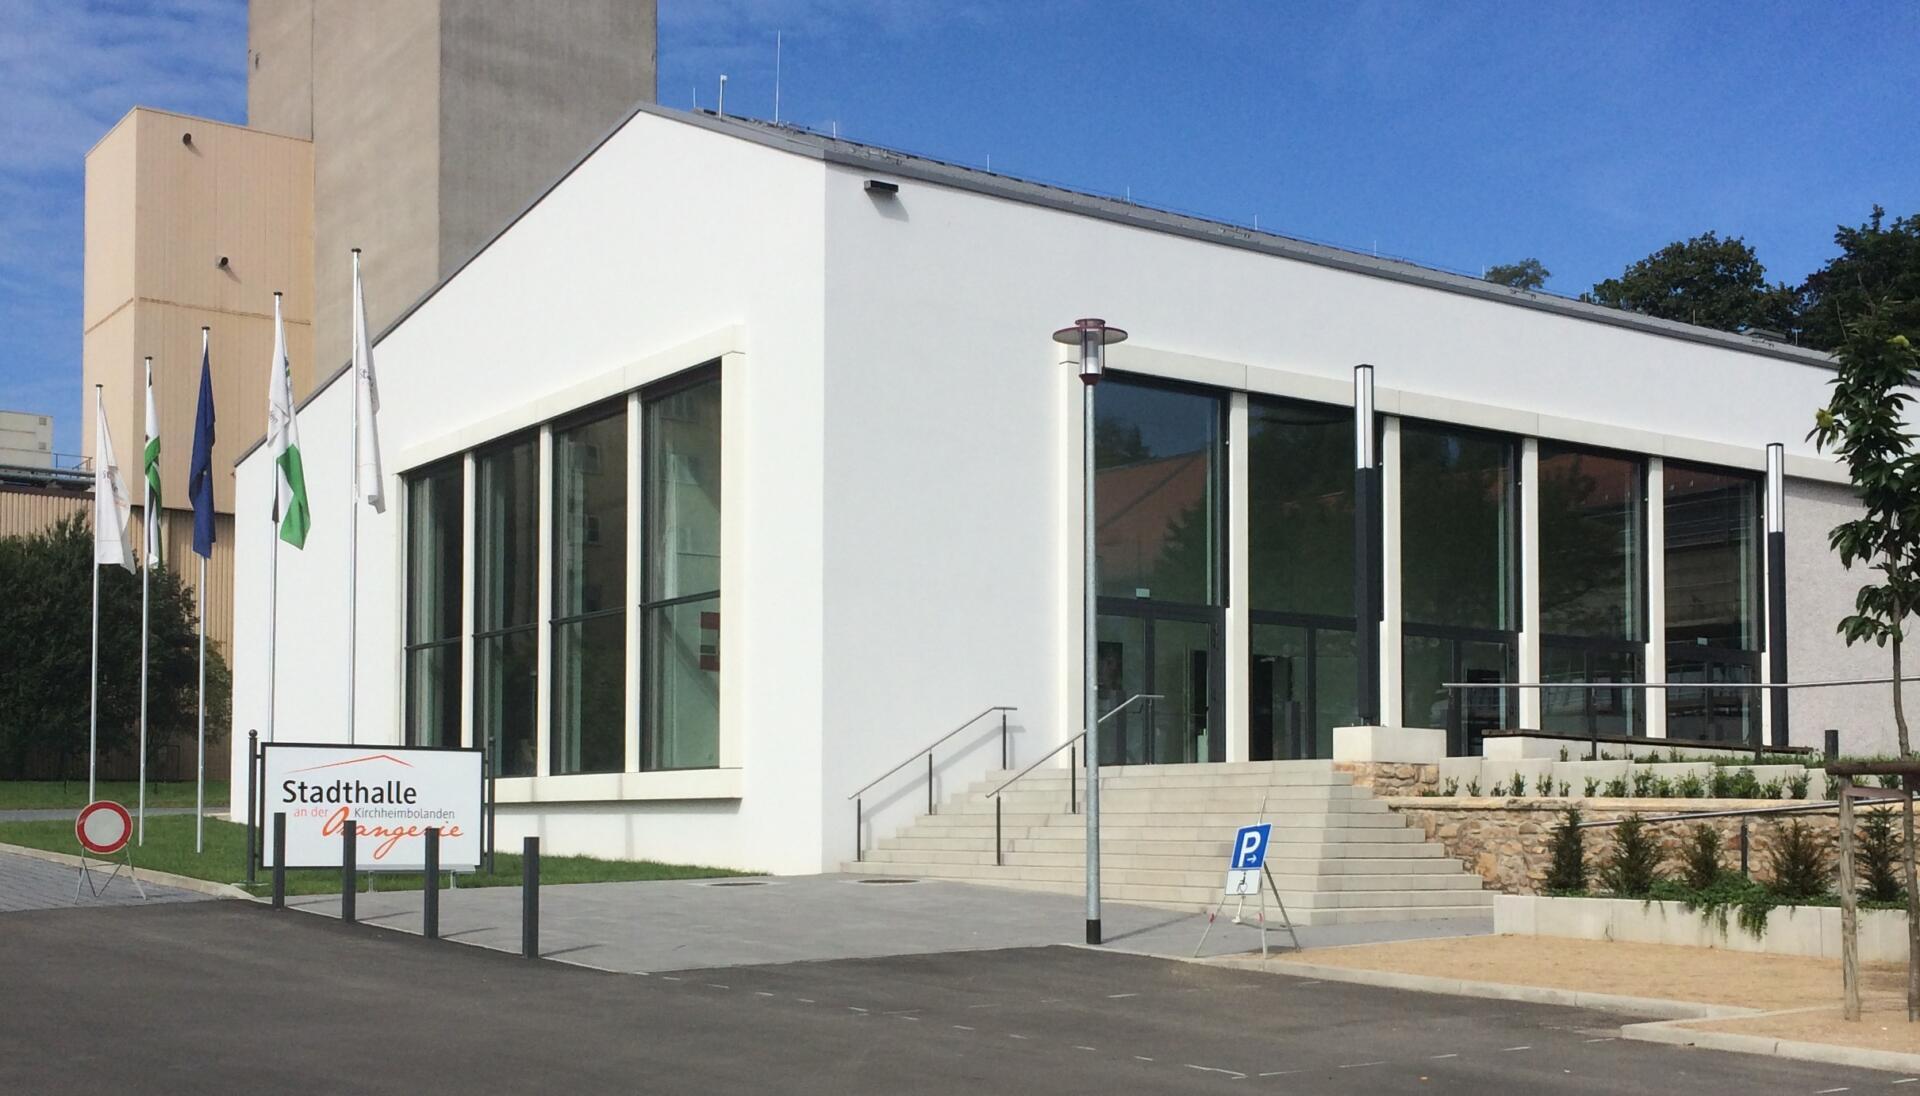 Stadthalle Kirchheimbolanden